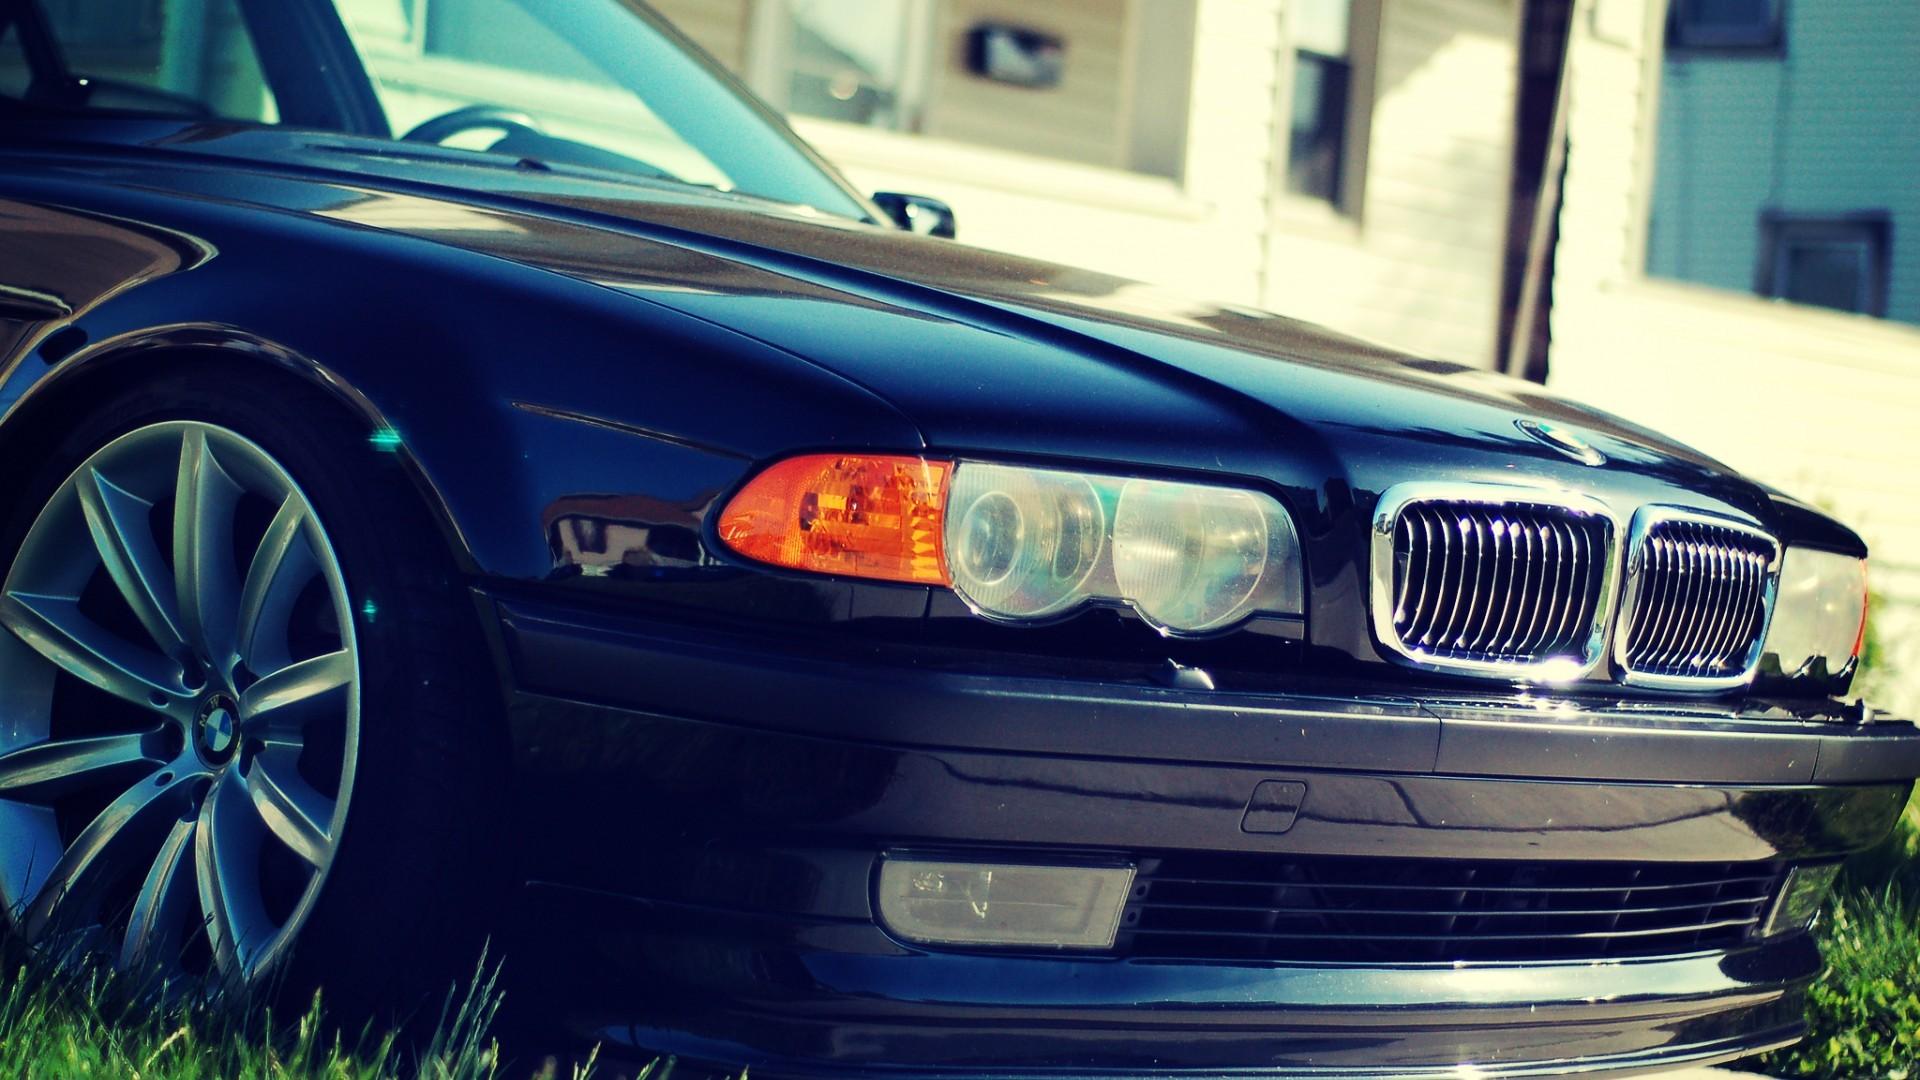 Wallpaper 1920x1080 Px Bmw 7 Series Bmw E38 Car 1920x1080